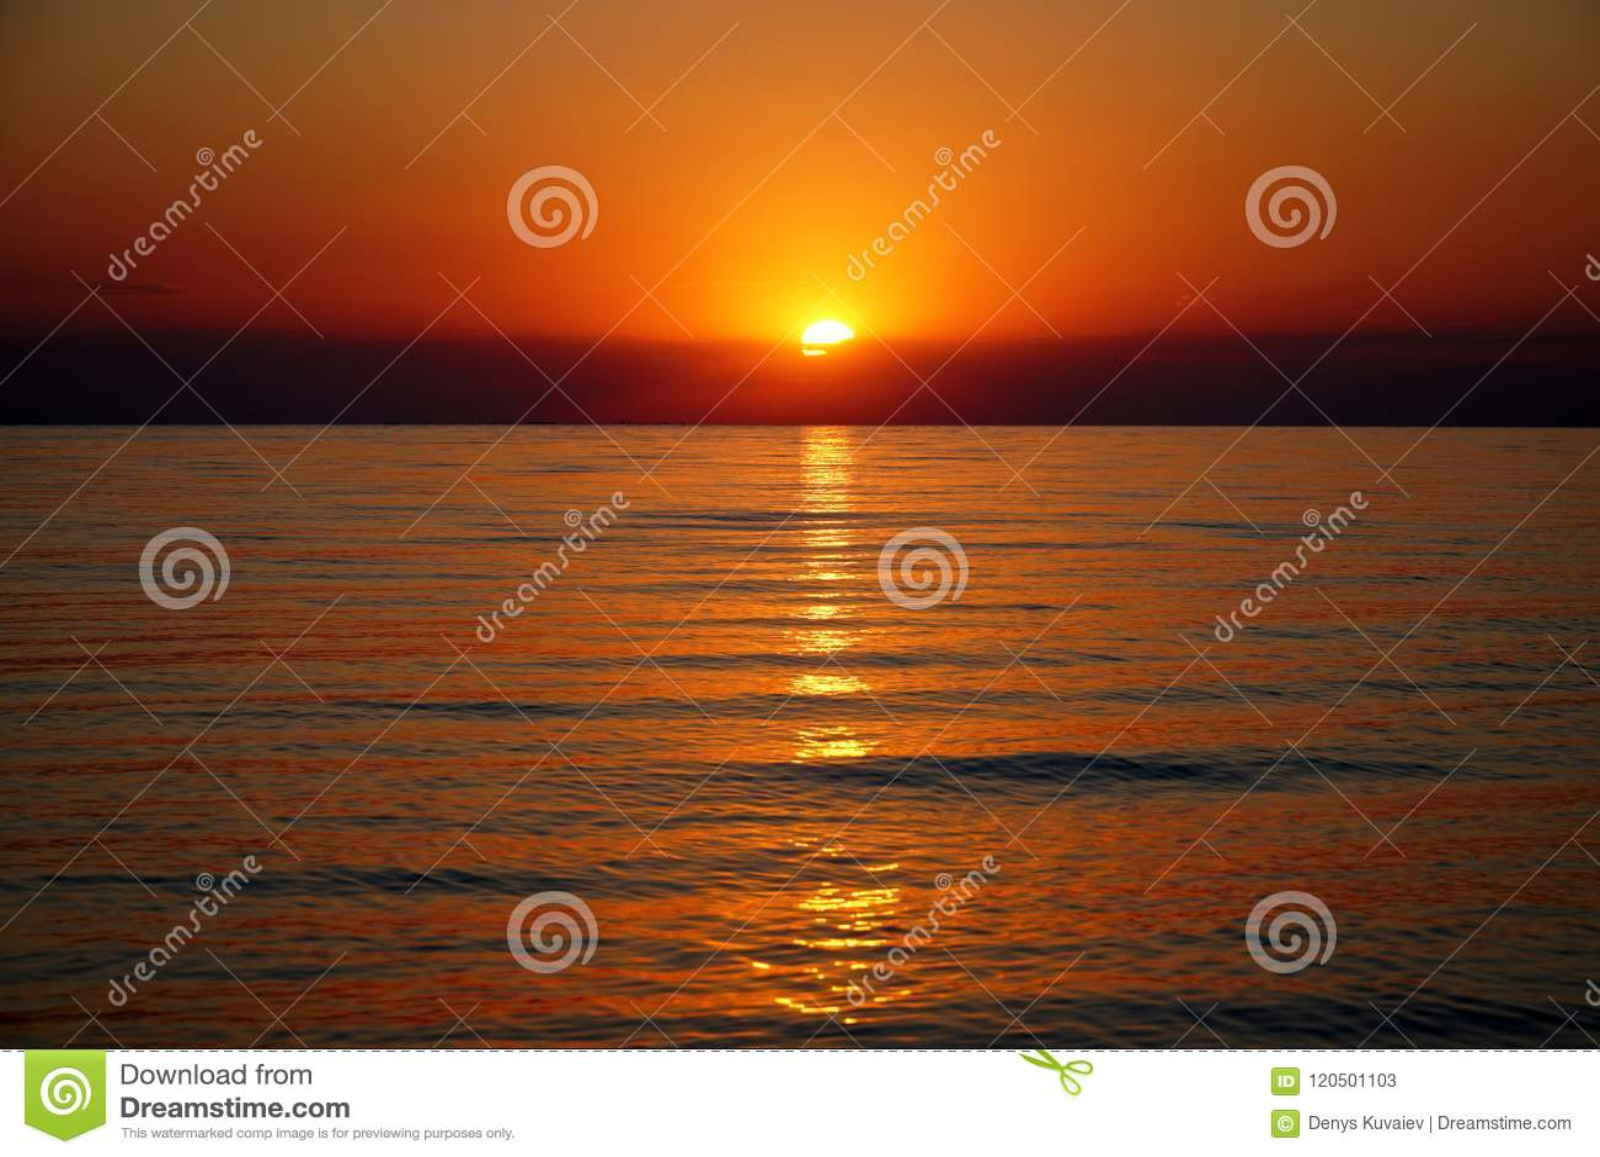 Ηλιοβασίλεμα στην παραλία θάλασσας